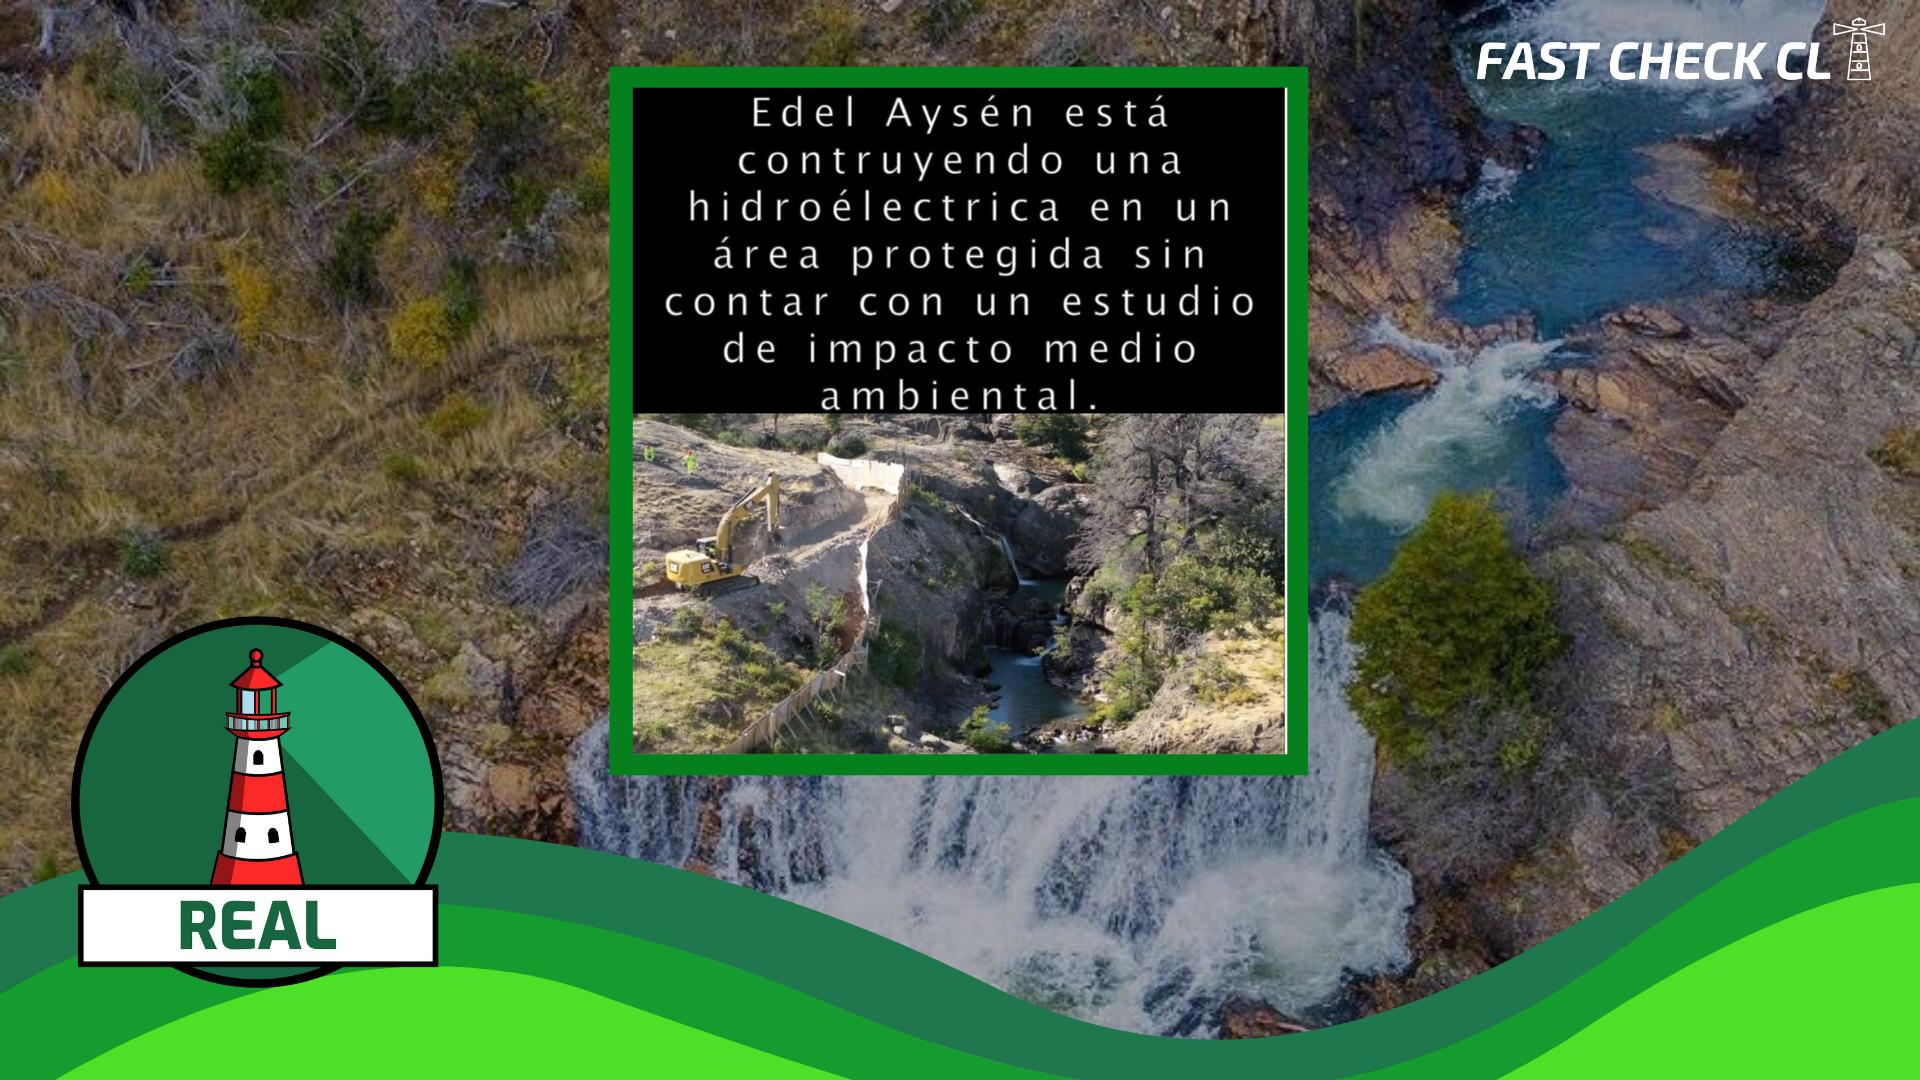 You are currently viewing (Video) La empresa Edelaysen está construyendo una central hidroeléctrica sin un estudio de impacto ambiental: #Real